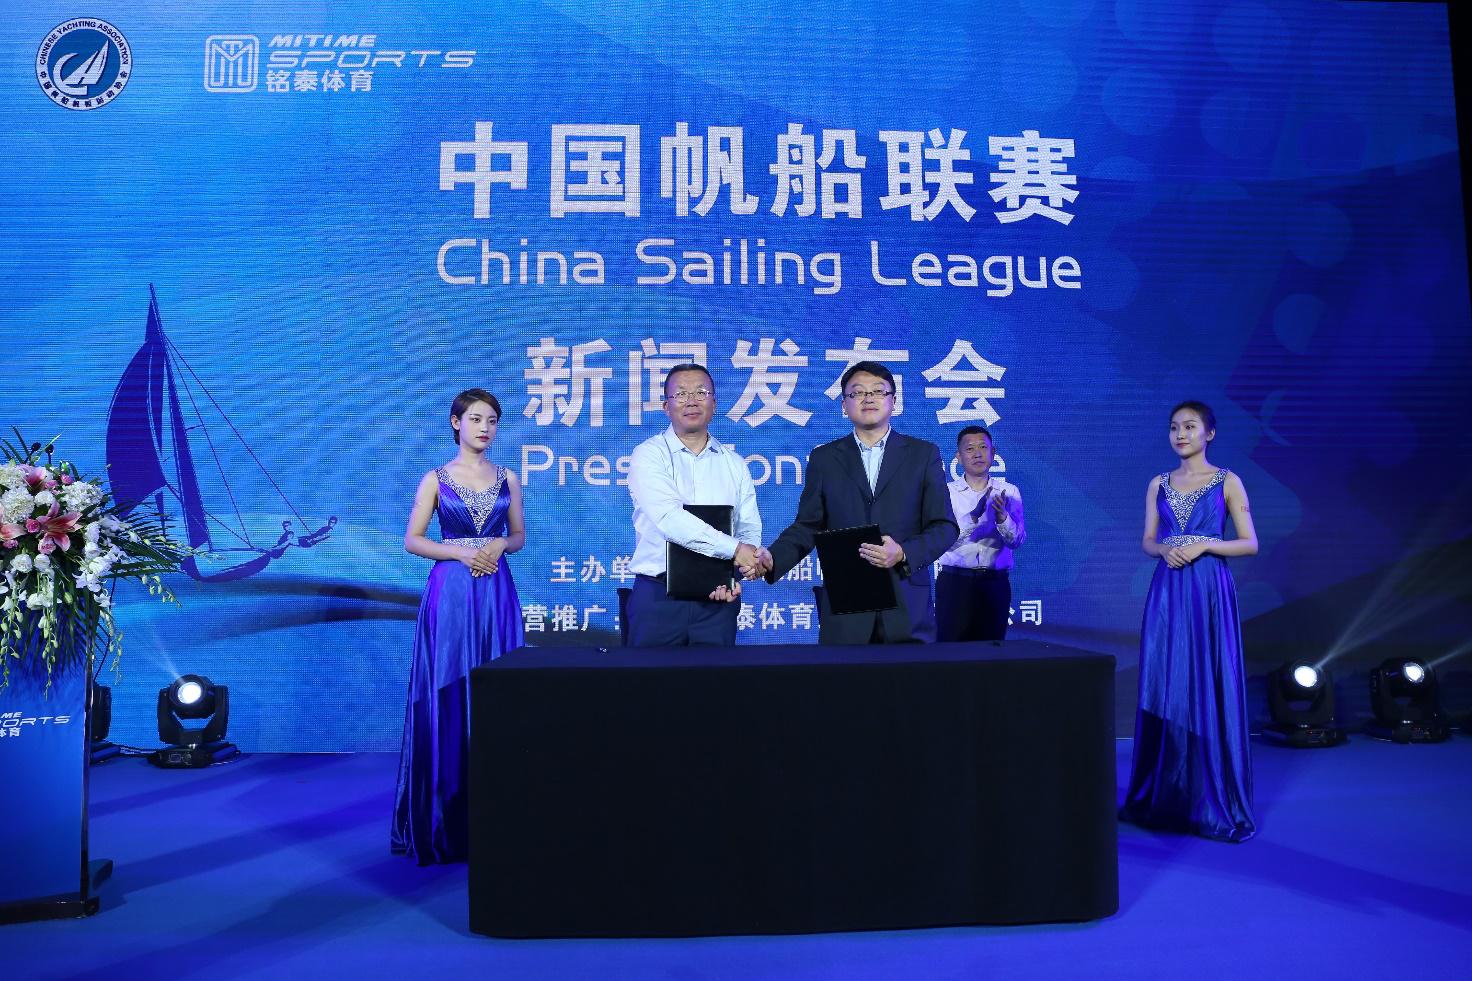 2018中国帆船联赛启航 打造中国职业帆船第一名片